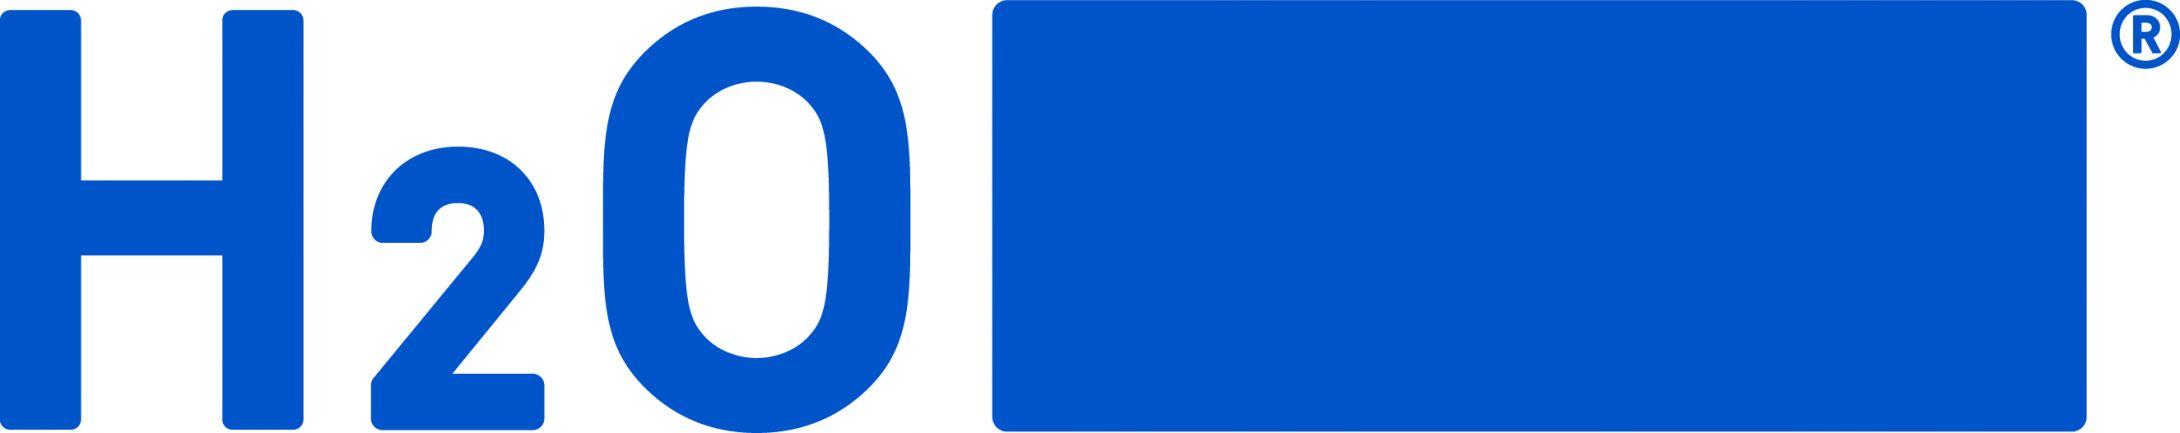 H2O GmbH Logo